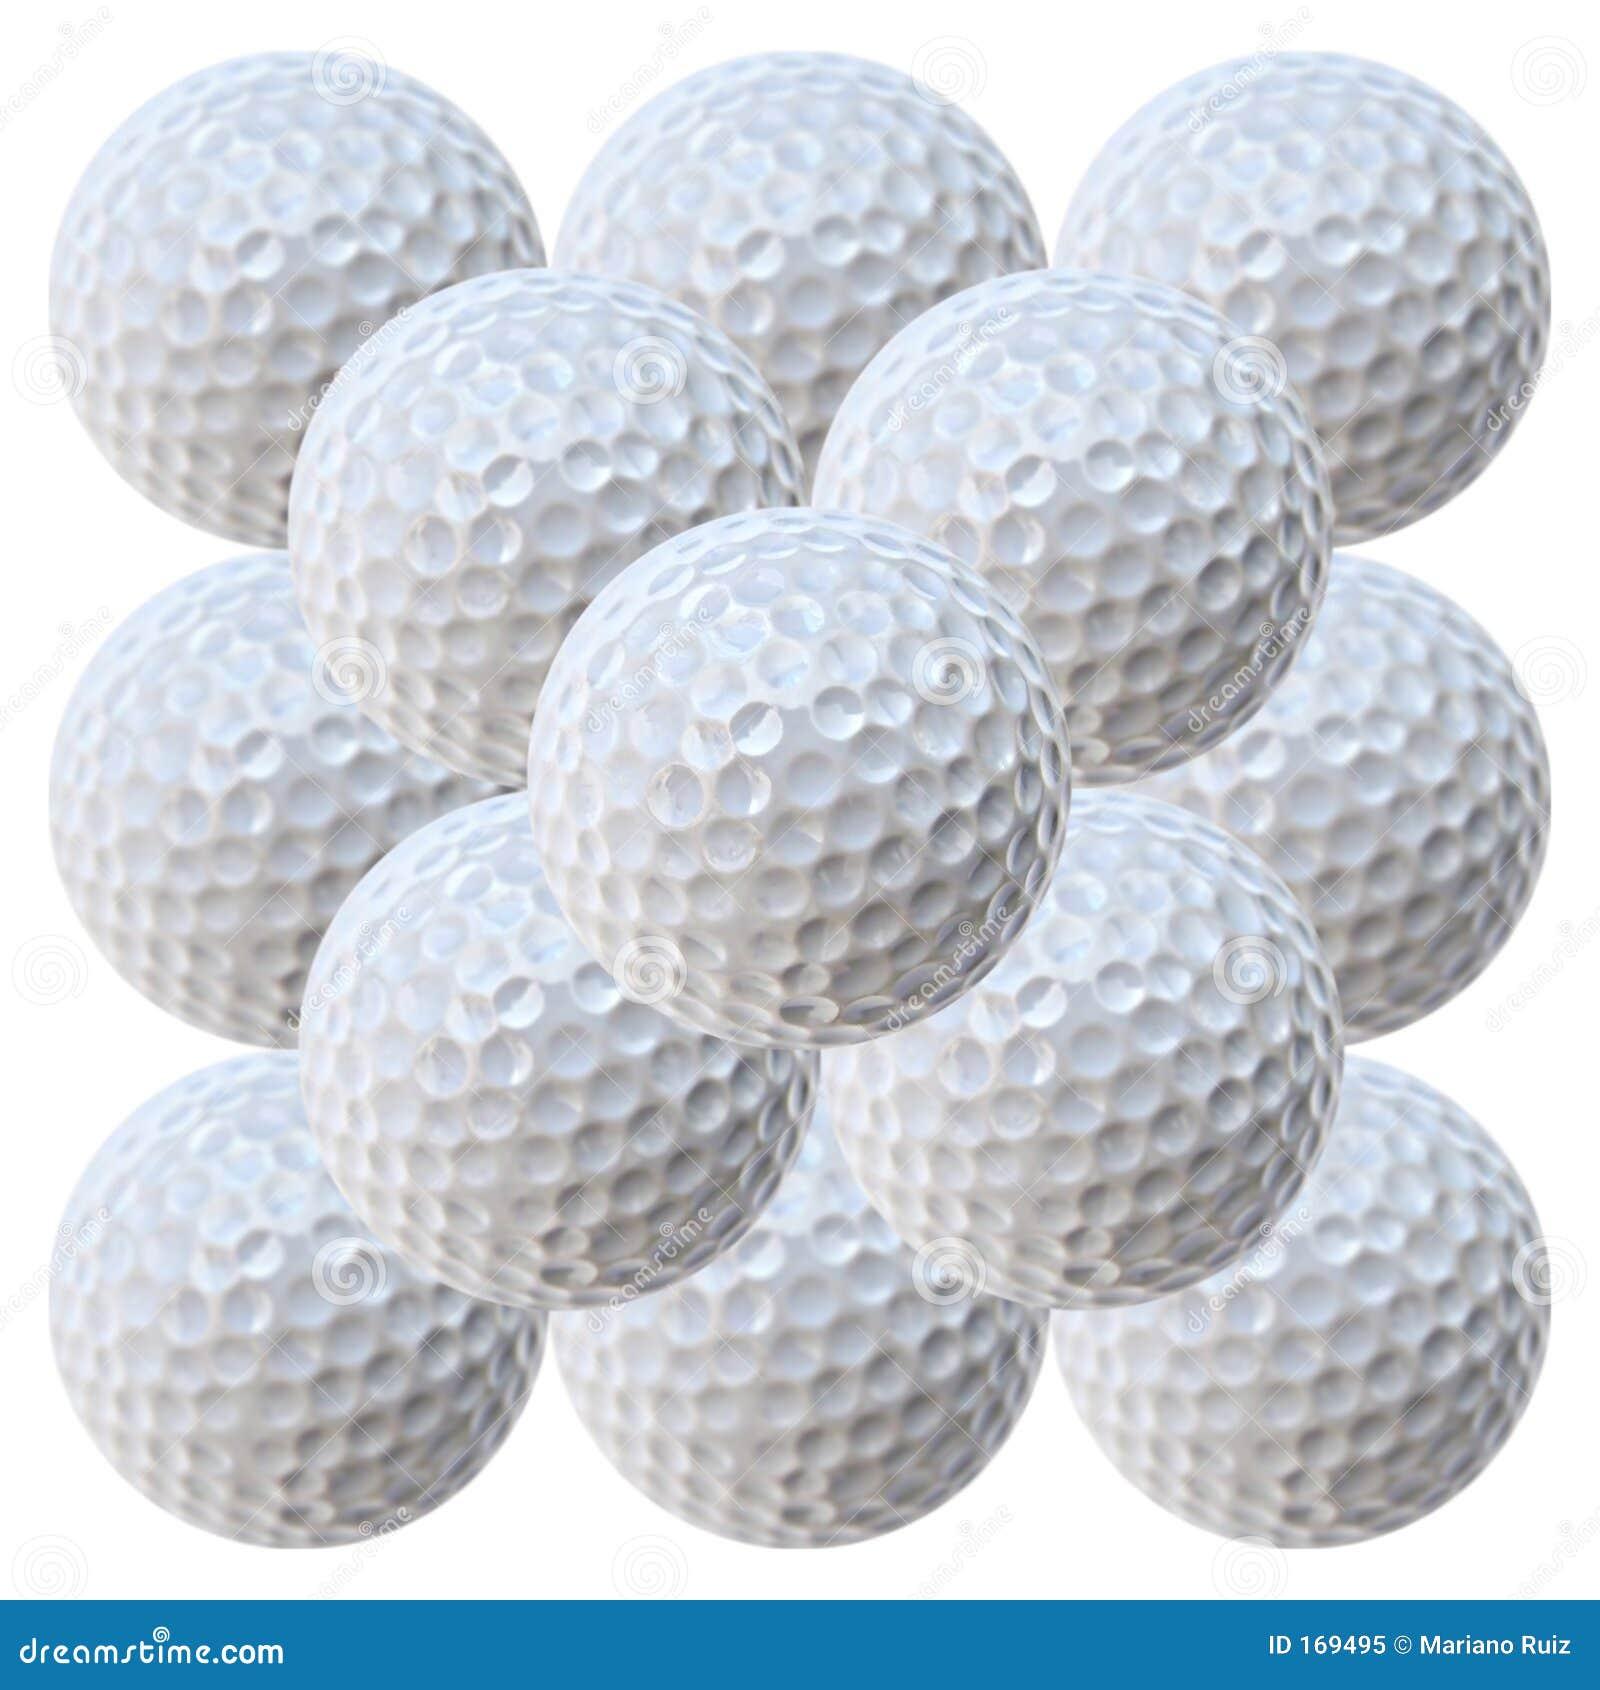 Golf Balls Pyramid (20.2 MegaPixels)